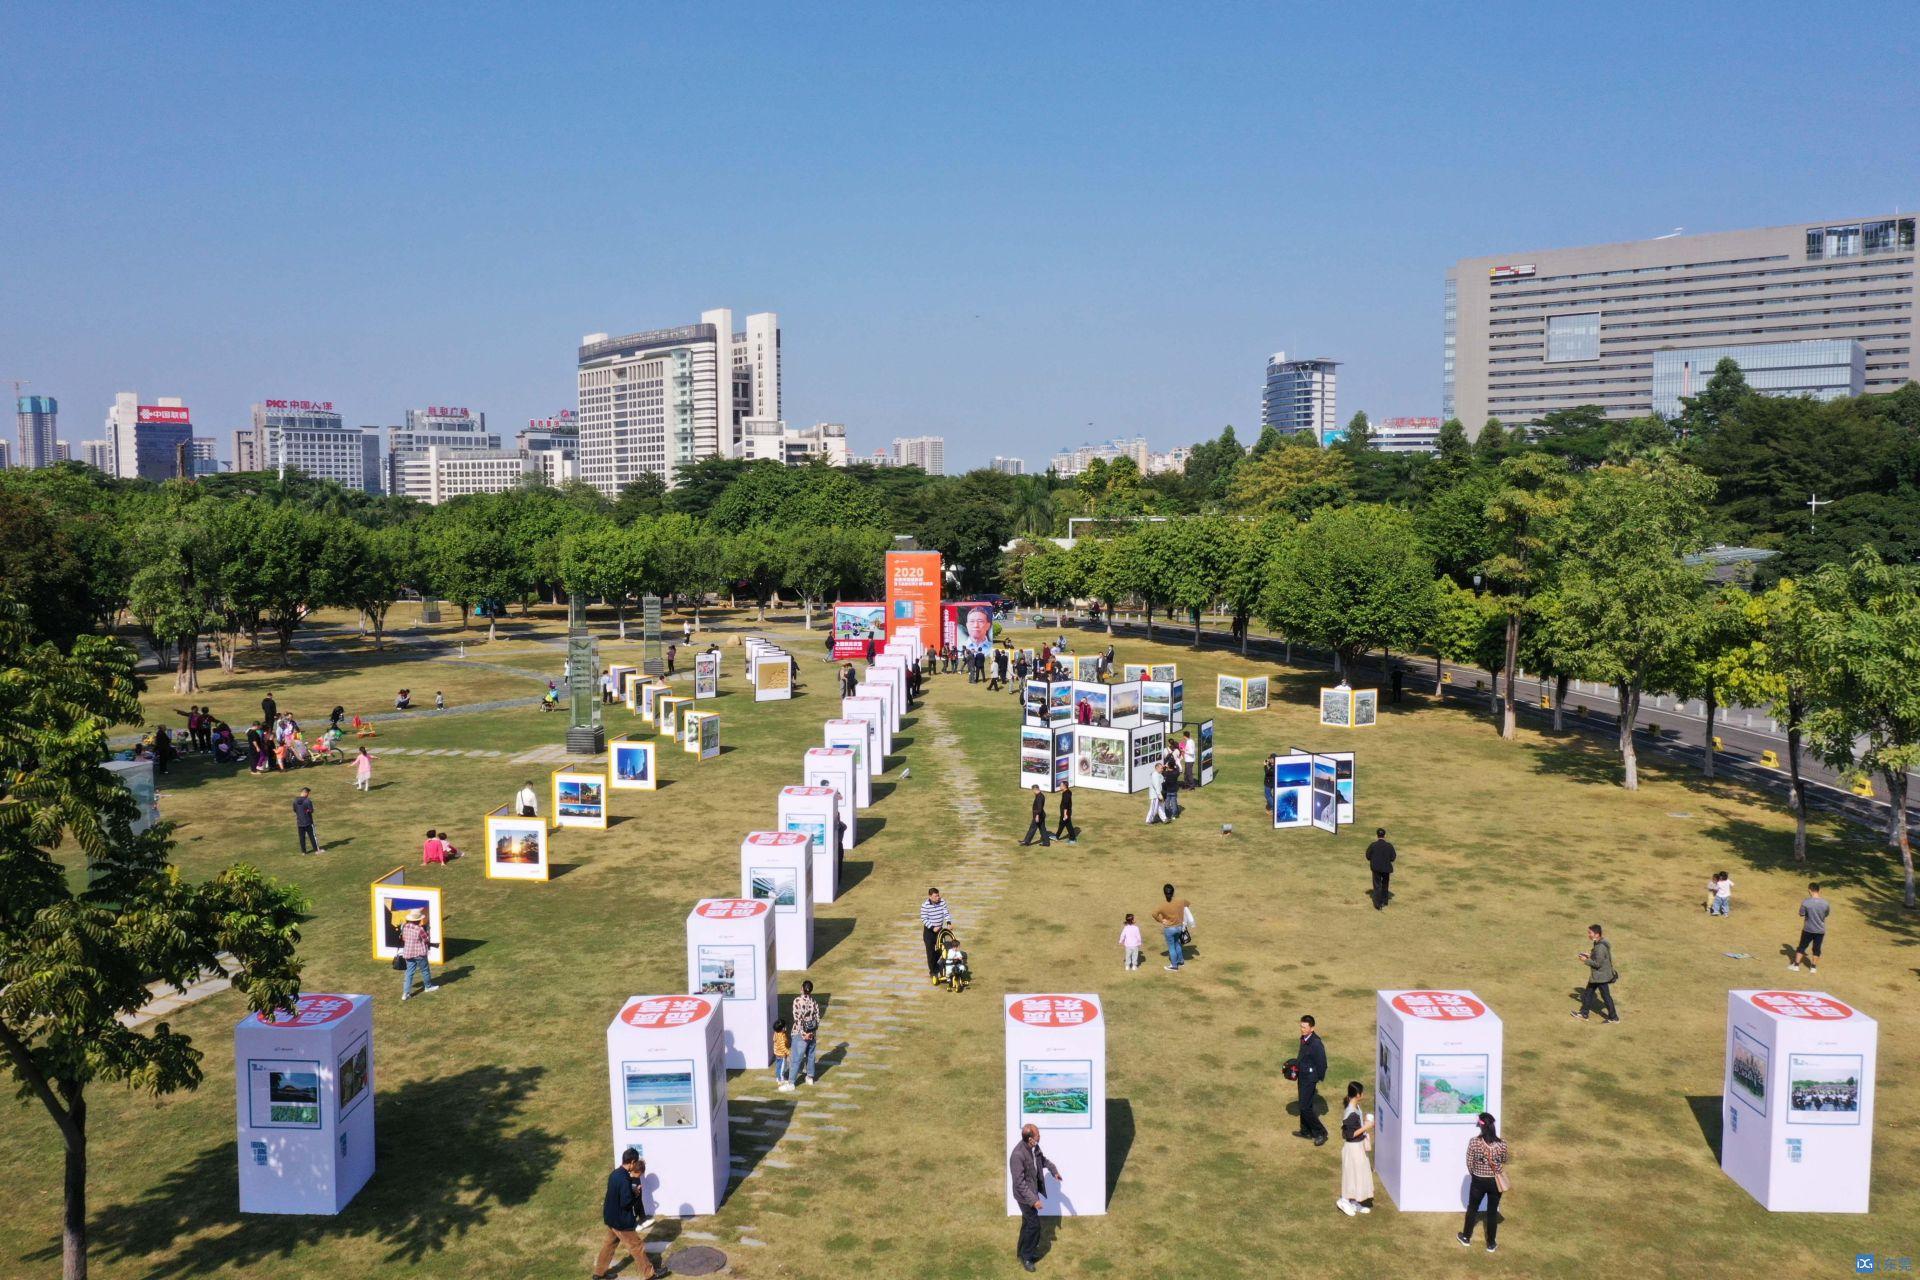 《品质东莞》城市画册激发市民强烈共鸣!一起来听听TA们的告白